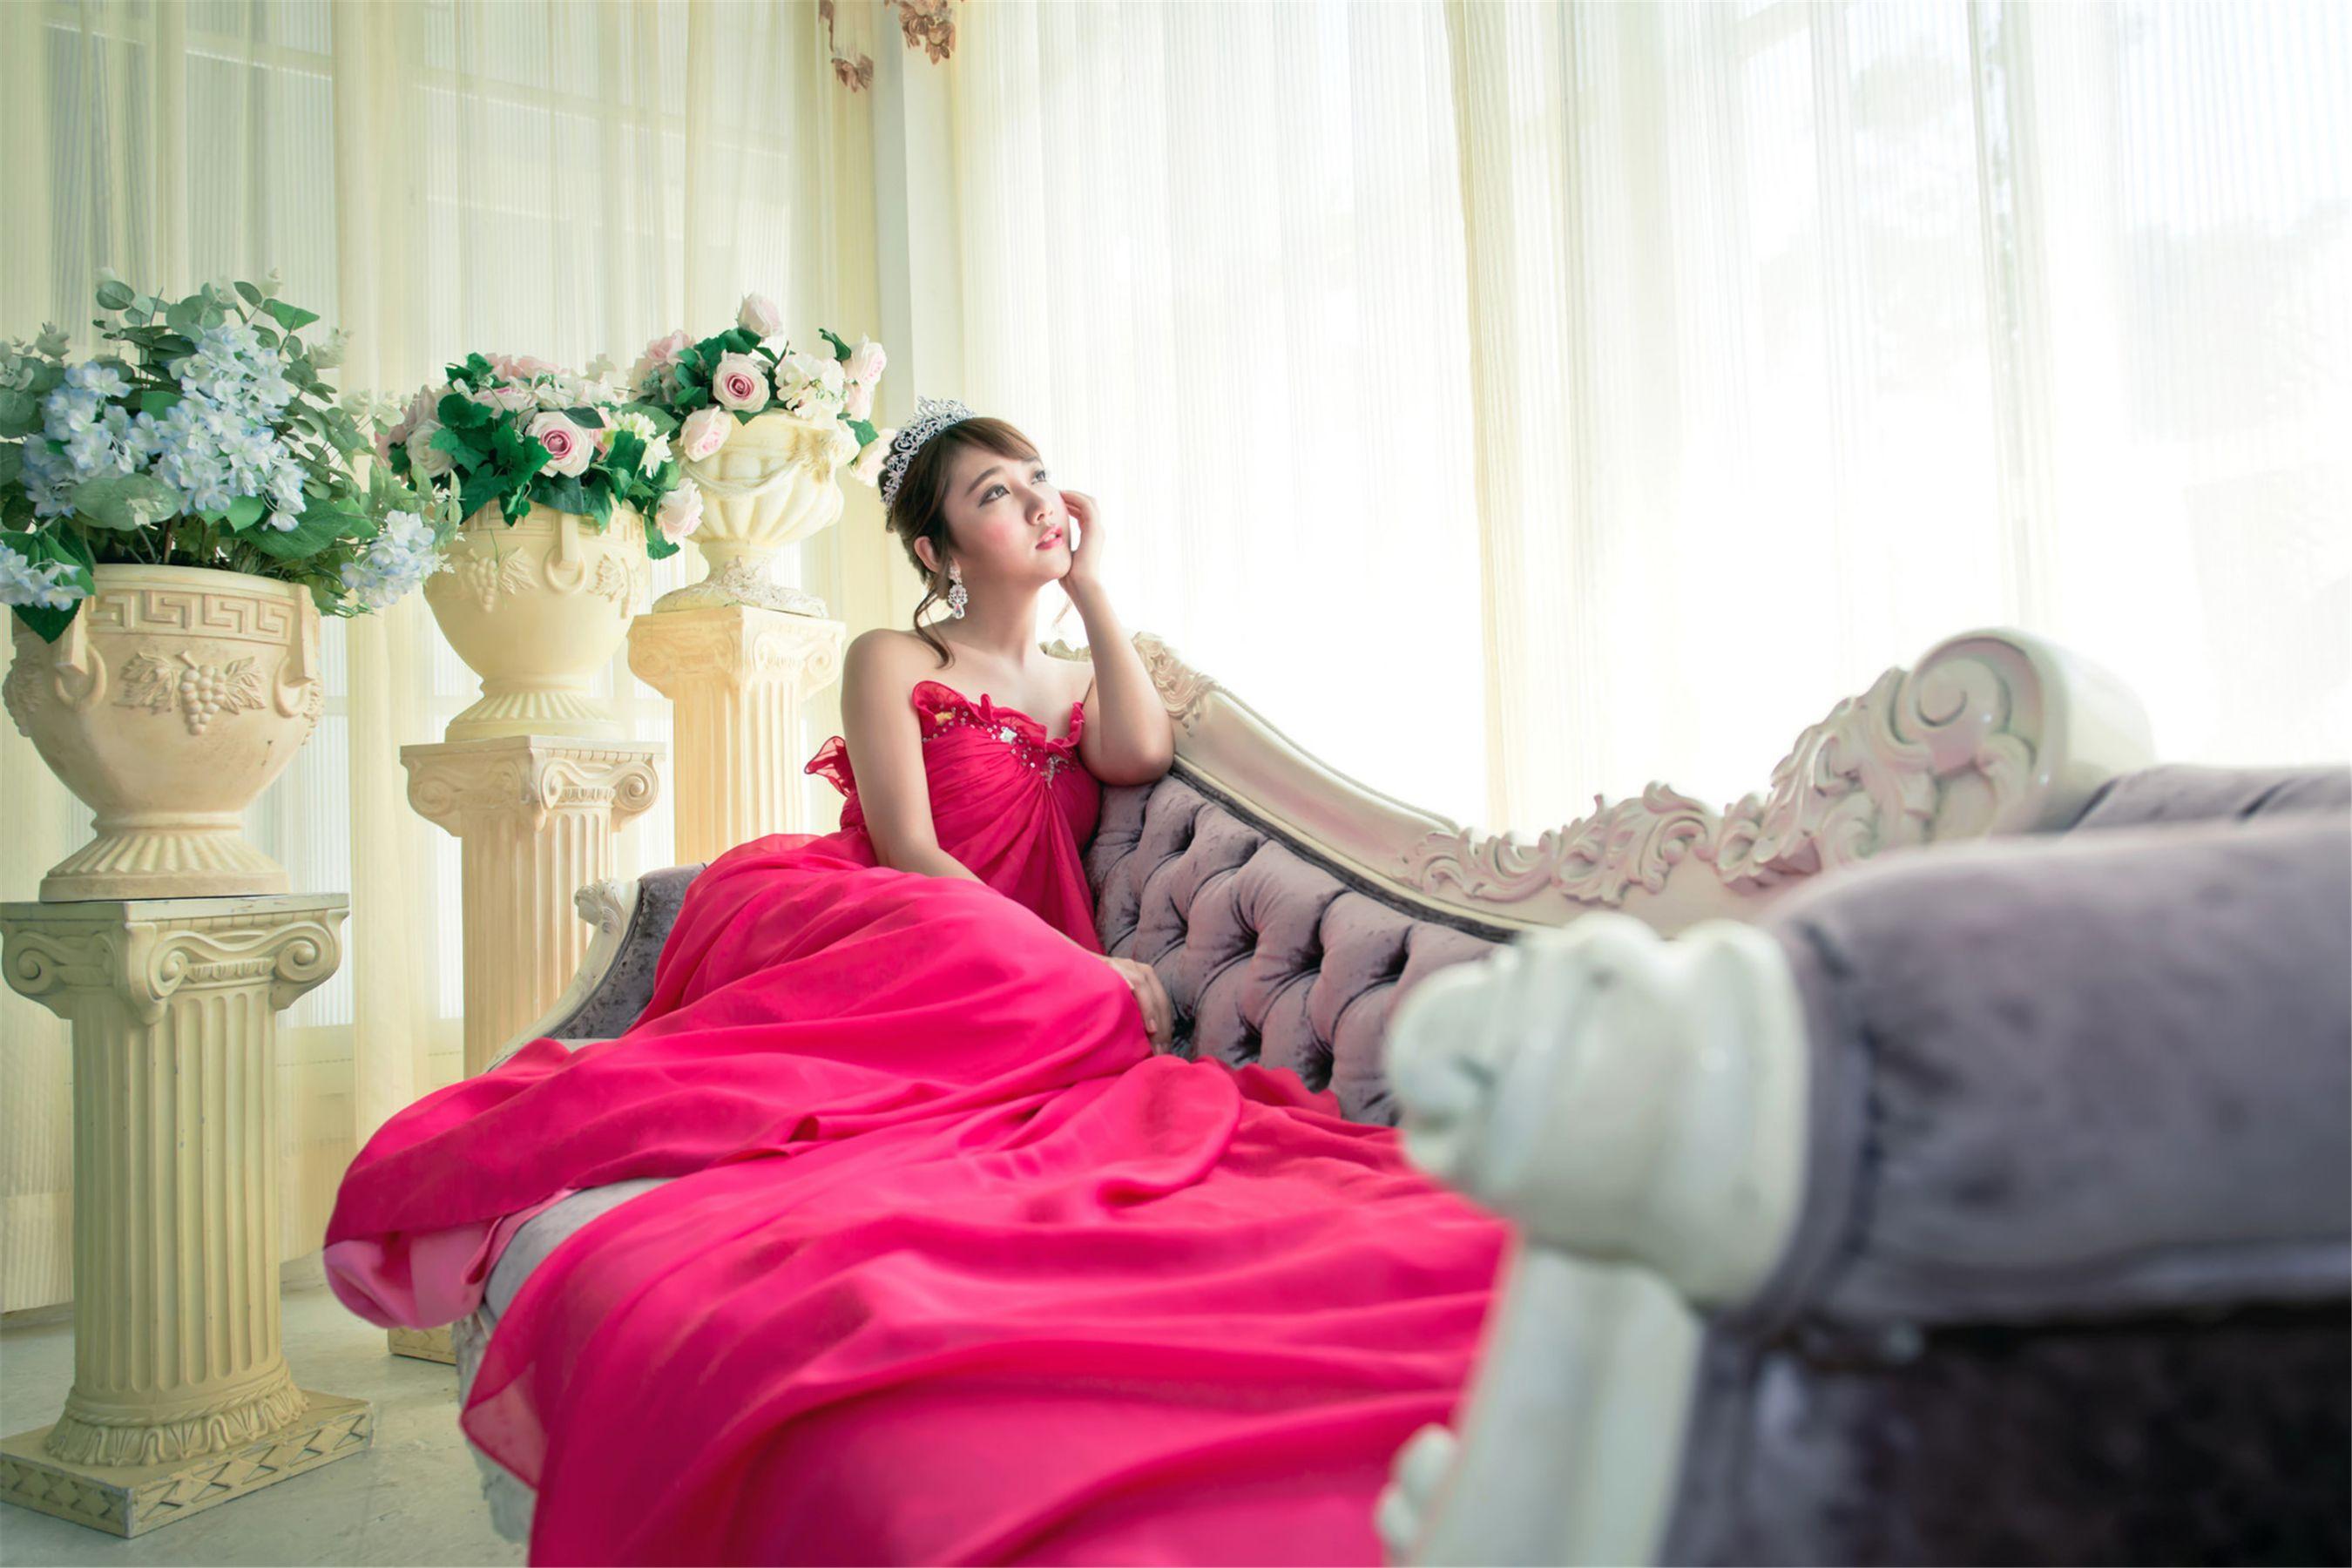 VOL.1188 [台湾正妹]清新唯美古典养眼婚纱:许庆伶(许庆琳)高品质写真套图(25P)